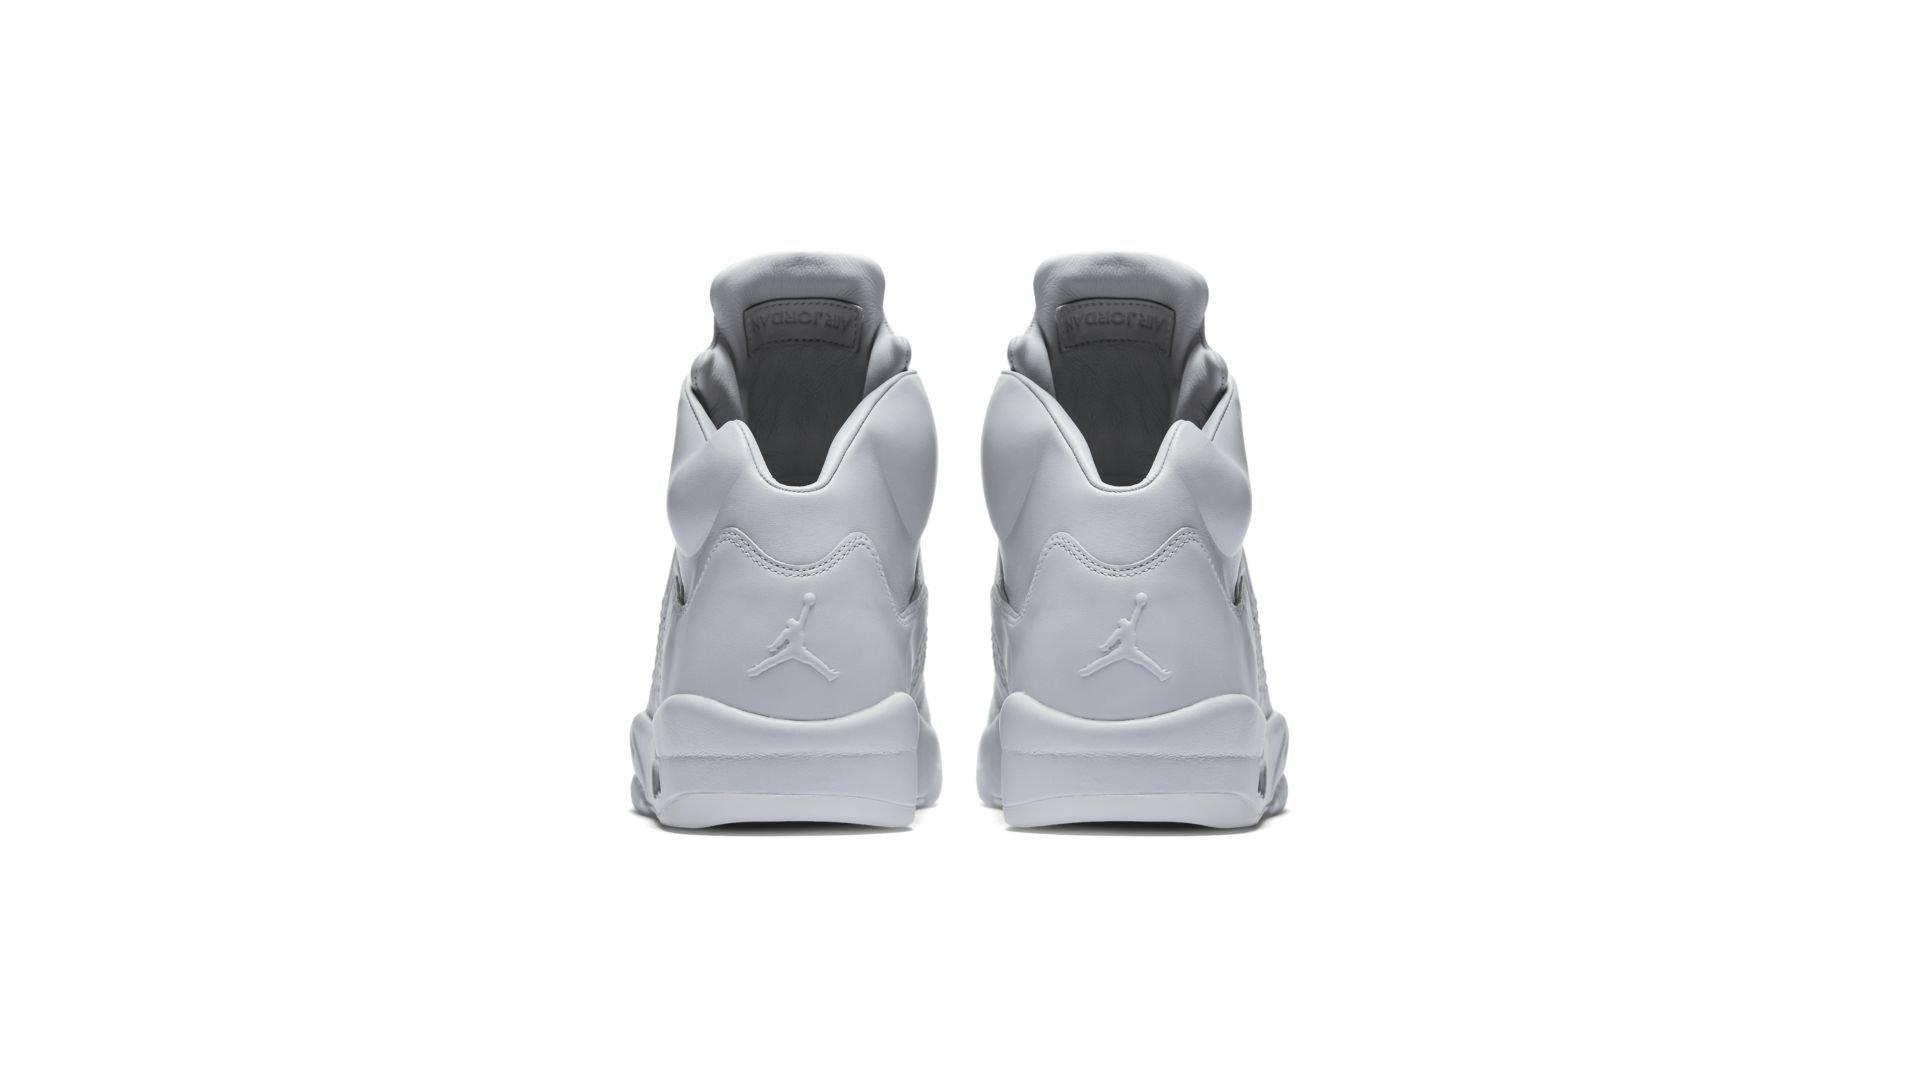 Jordan 5 Retro Pure Platinum (881432-003)